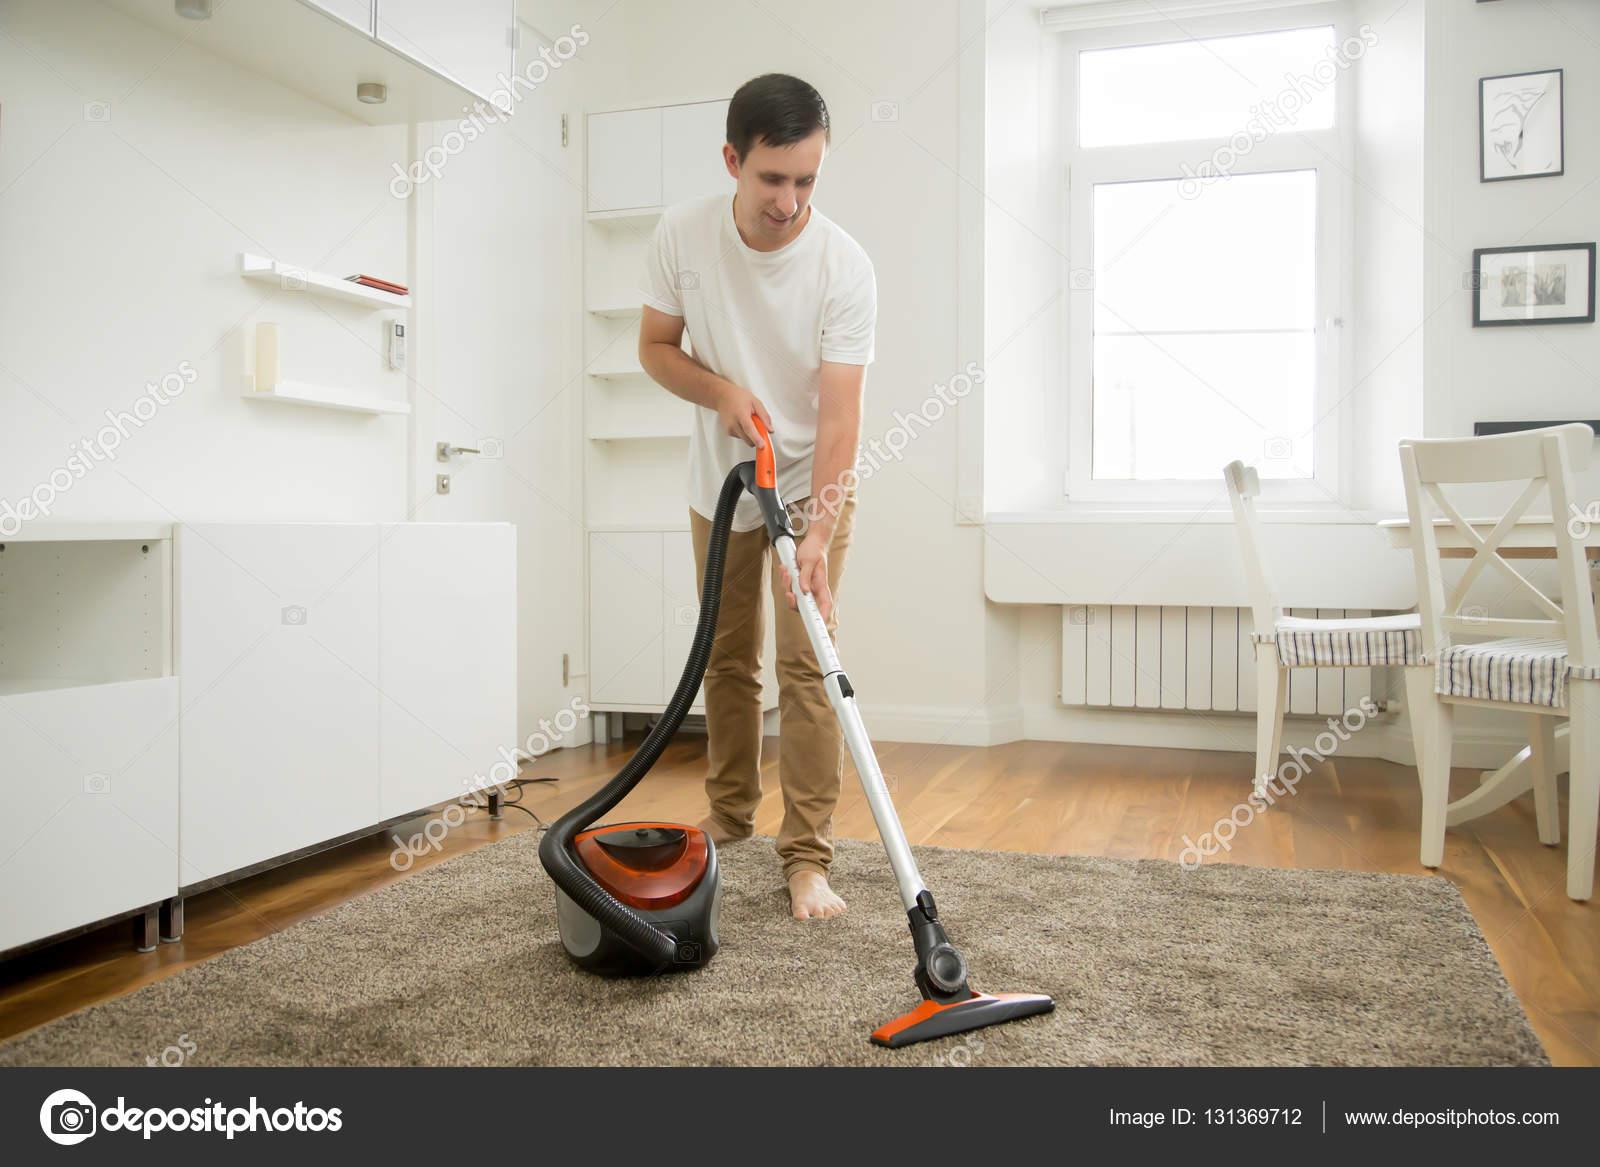 Limpieza de alfombras en casa amazing excellent cool - Limpieza en casas ...